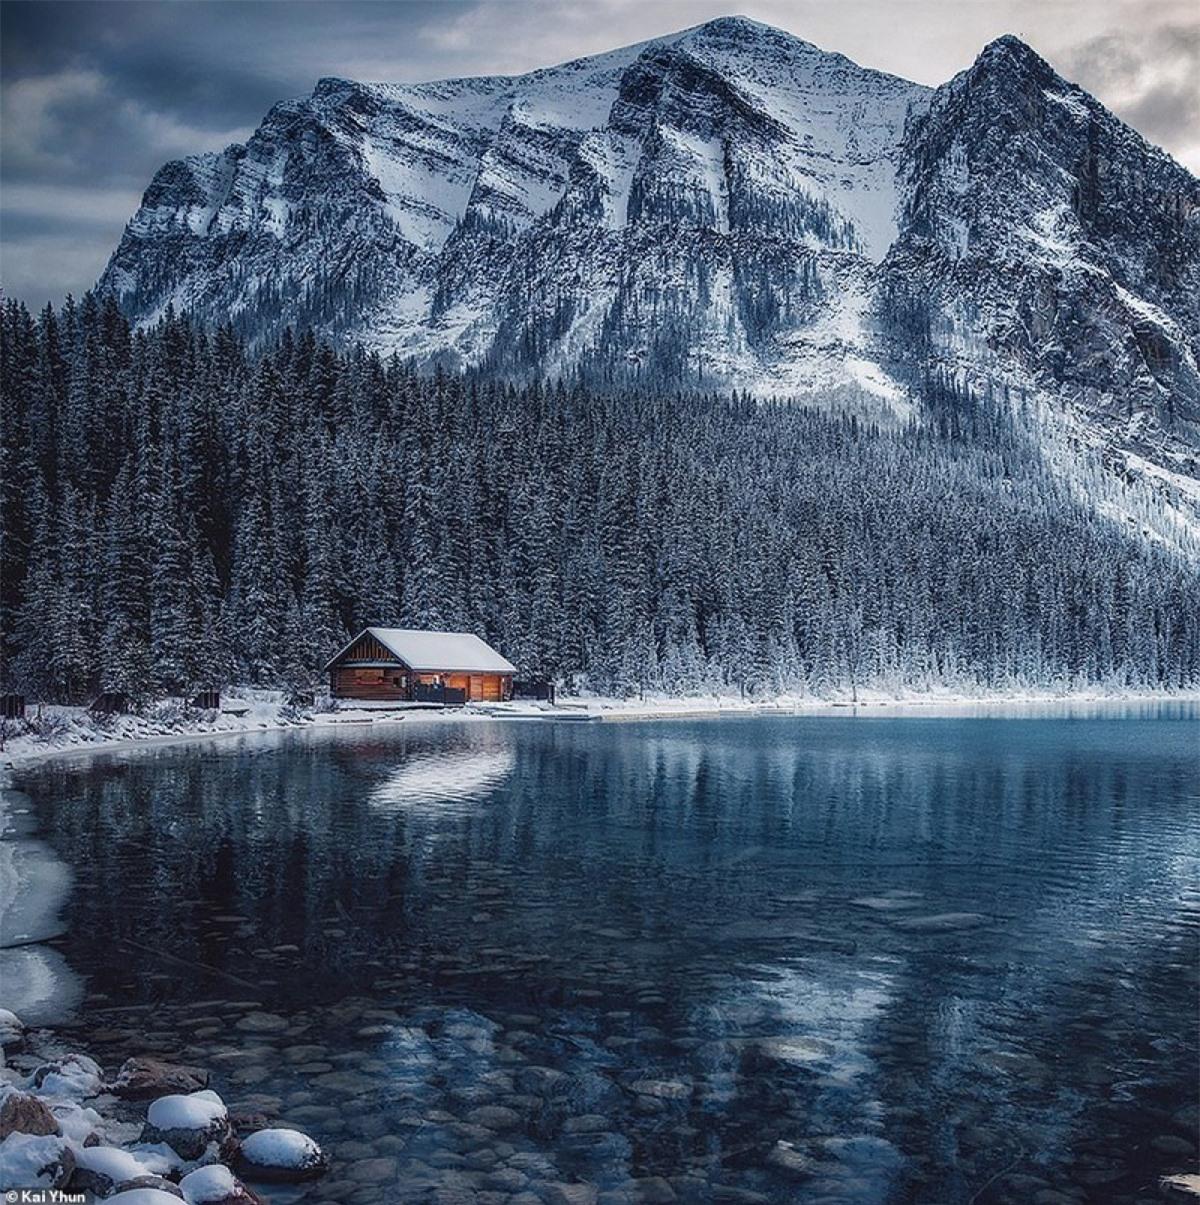 """Hồ Louise thanh tao giữa khung cảnh tuyết trắng. Lúc đầu với tên gọi Emerald (Ngọc Lục Bảo) bởi màu xanh tuyệt mĩ, về sau hồ lấy tên Louise theo tên của Công chúa Louise - con gái của Nữ hoàng Victoria. Với vẻ đẹp độc đáo, xung quanh núi rừng xanh bao bọc của dãy núi Rocky, một trong 7 kì quan của Canada. Kai nói có rất nhiều người khi xem ảnh đều mô tả chúng bằng 2 từ là """"buồn rầu""""."""